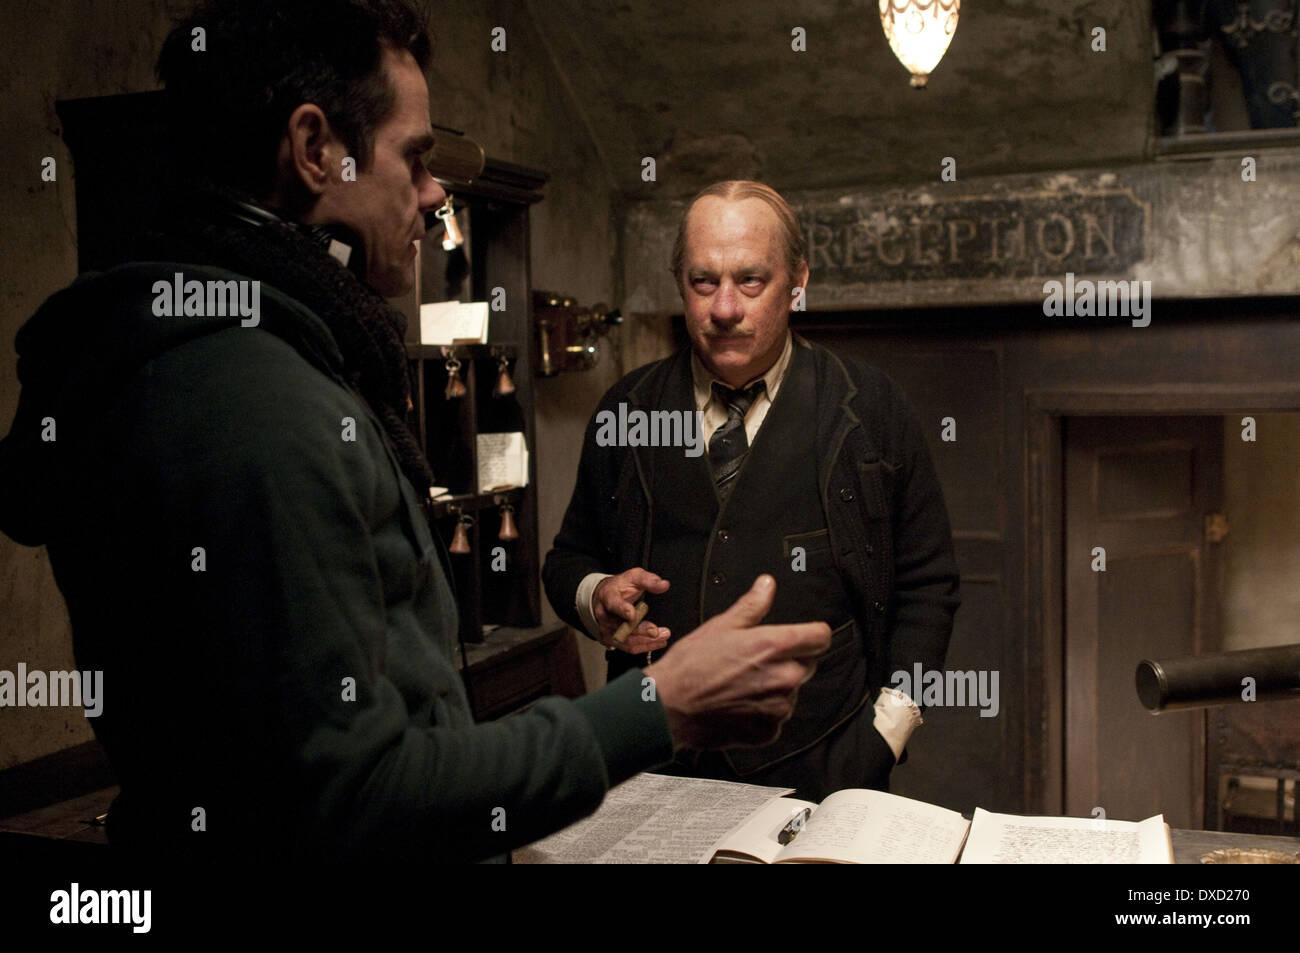 Tom Tykwer, Tom Hanks - Stock Image